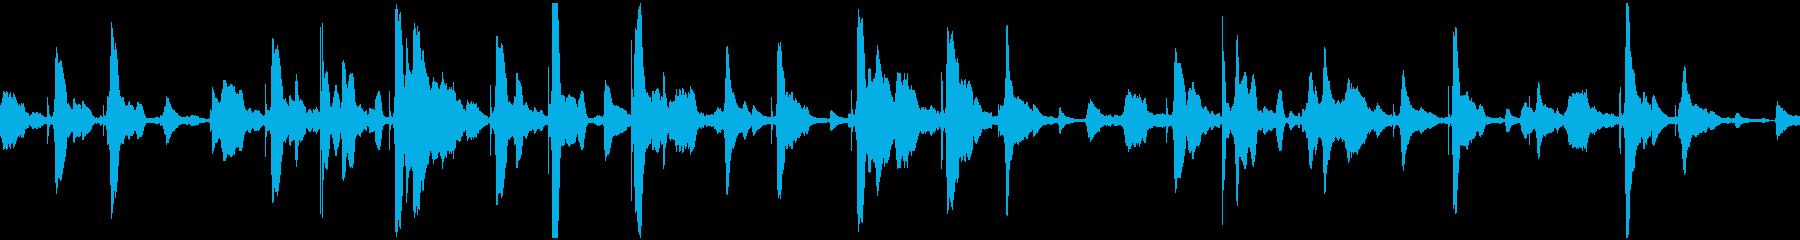 不思議系空間(ループ):ゆらゆら、浮遊の再生済みの波形